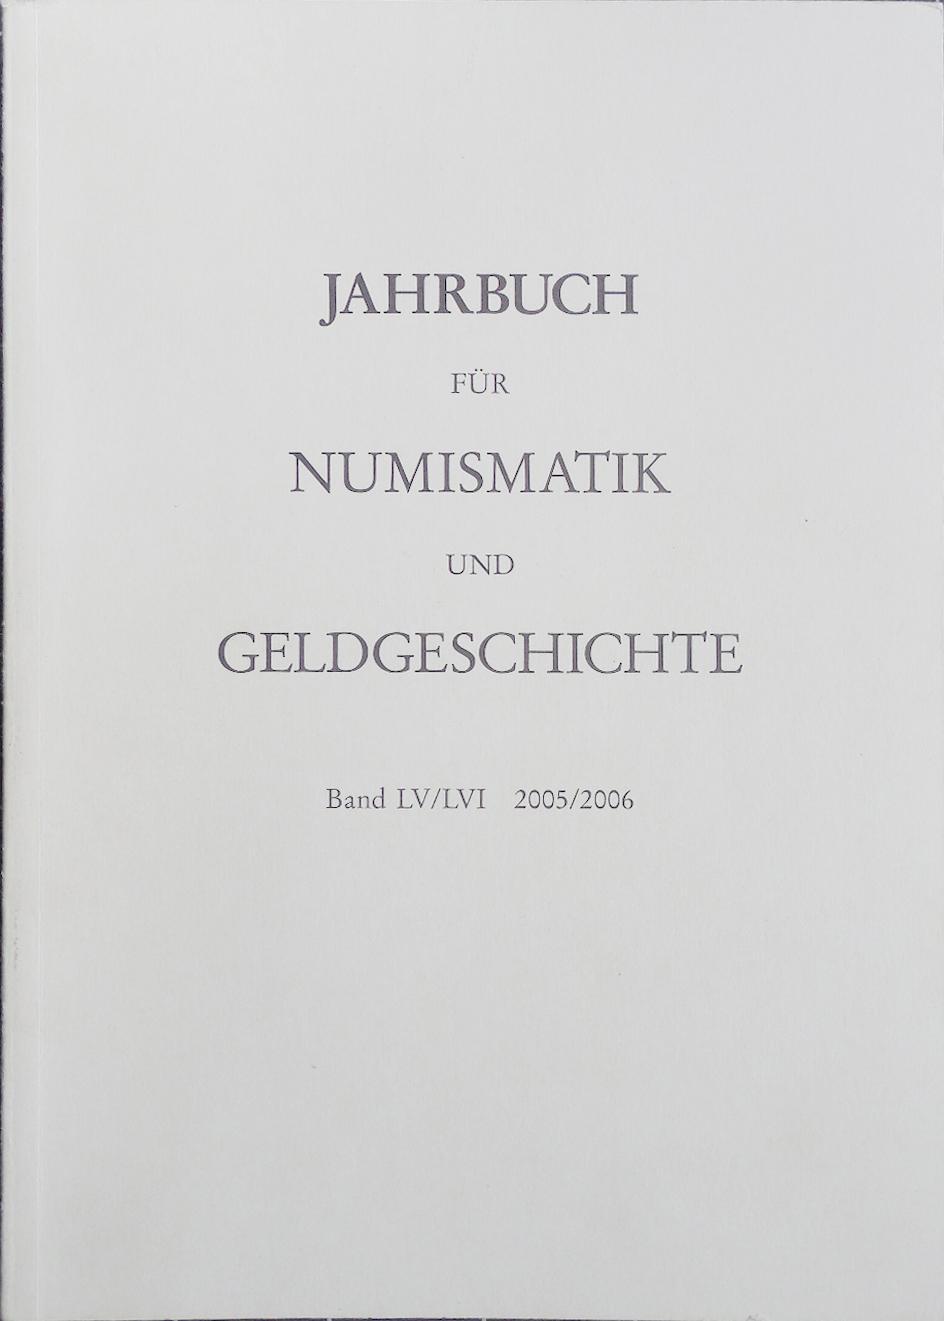 Jahrbuch für Numismatik und Geldgeschichte Band LV/LVI: Herausgegeben von der